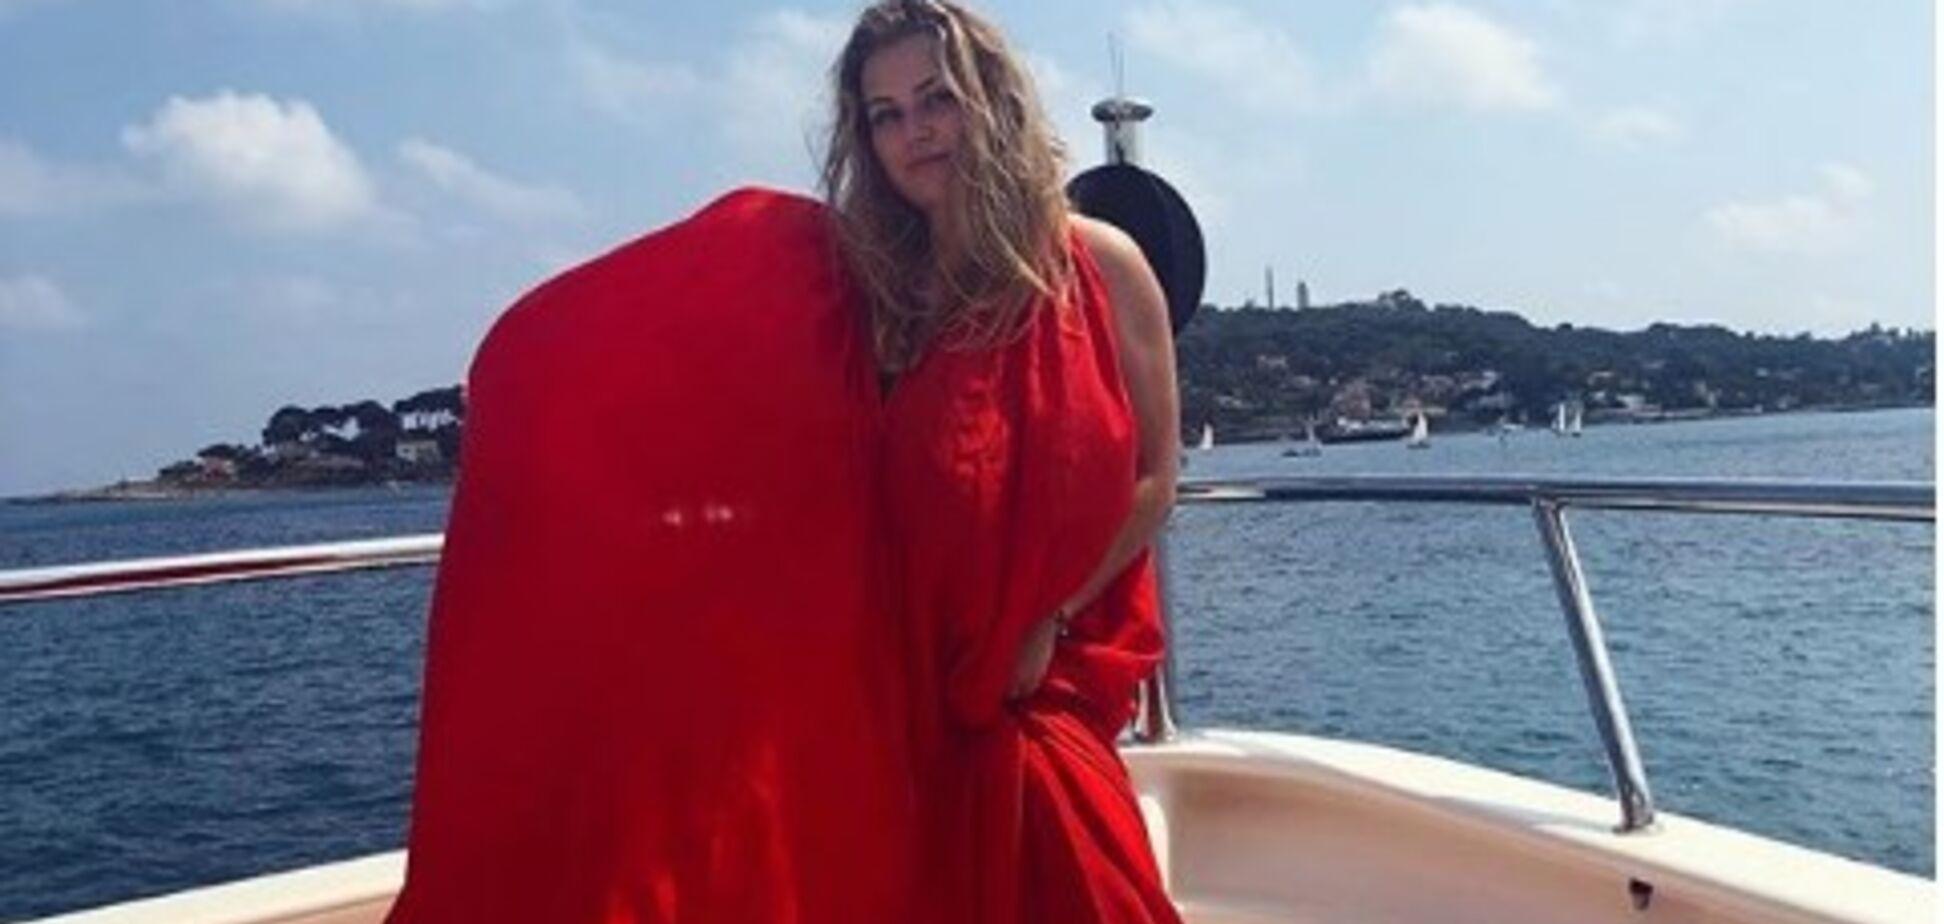 ''Роскошная женщина'': дочь Абрамовича показала пышные формы